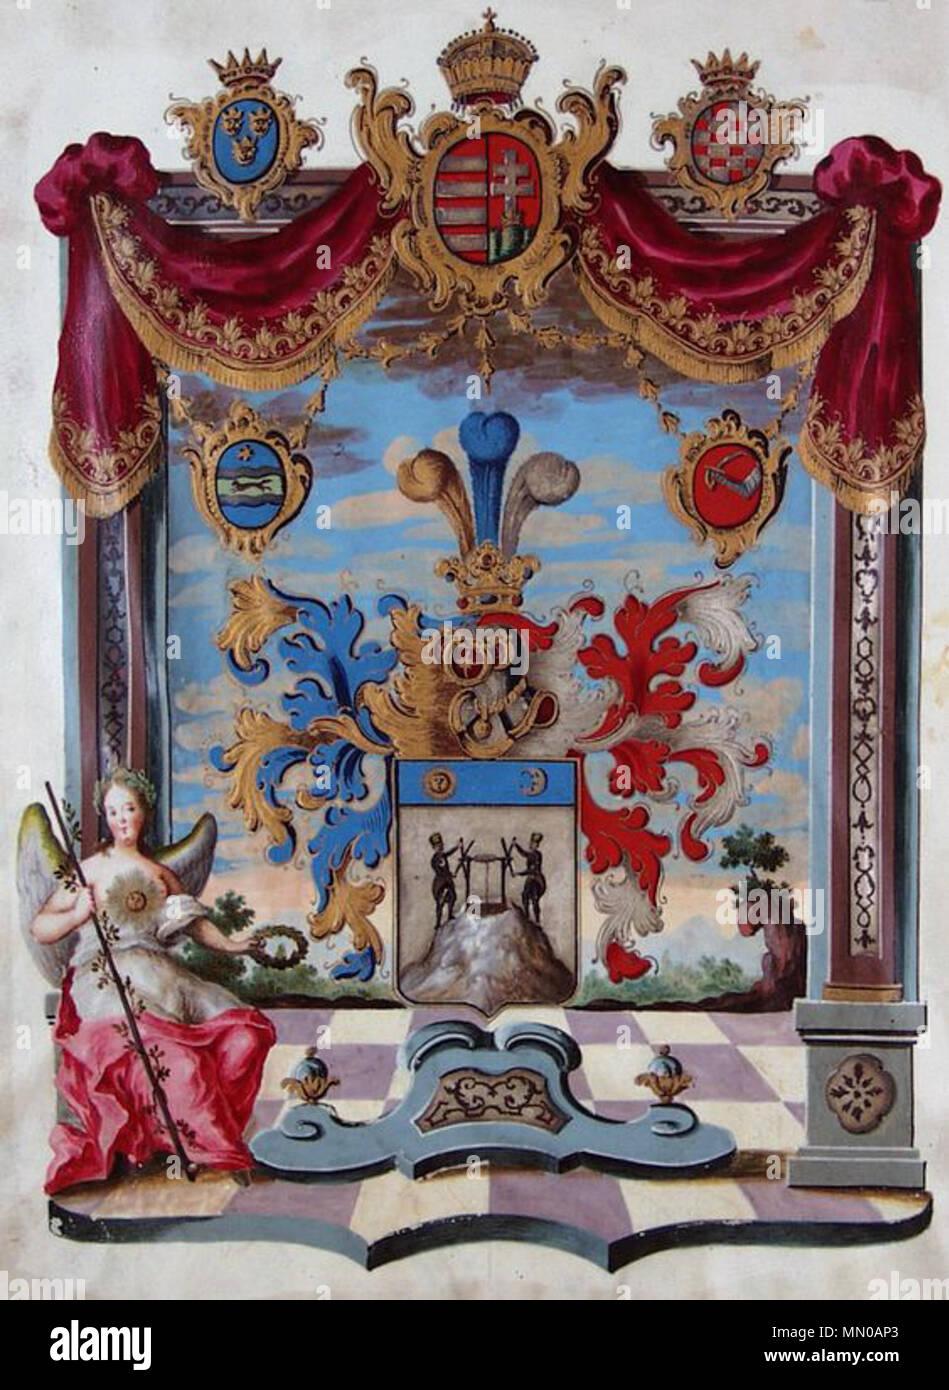 . Deutsch: Wappen aus dem Adelsdiplom von Leopold II. (römisch-deutscher Kaiser 1790-1792) als König von Ungarn für Georg Hoffmann, ausgestellt am 2. Juni 1791, mit eigenhändiger Unterschrift des Kaisers.  . 1791. Anonymous Adelsdiplom - Hoffmann 1791 - Wappen Stock Photo